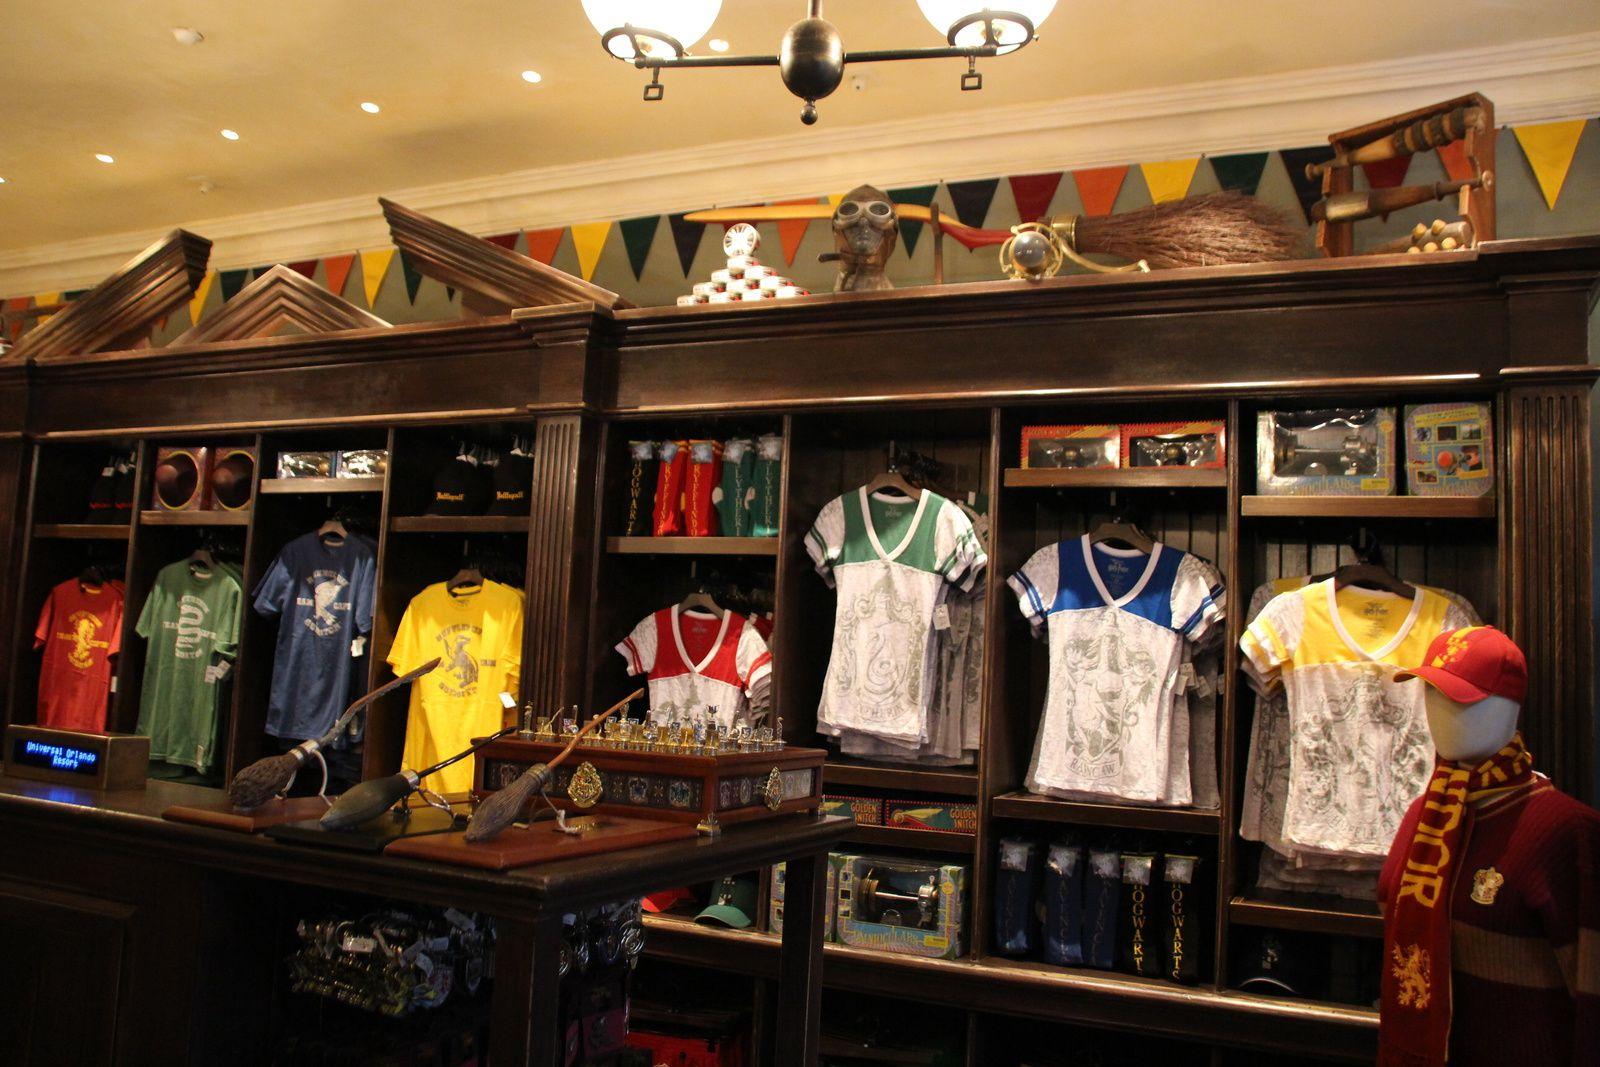 Les boutiques du Wizarding World of Harry Potter !